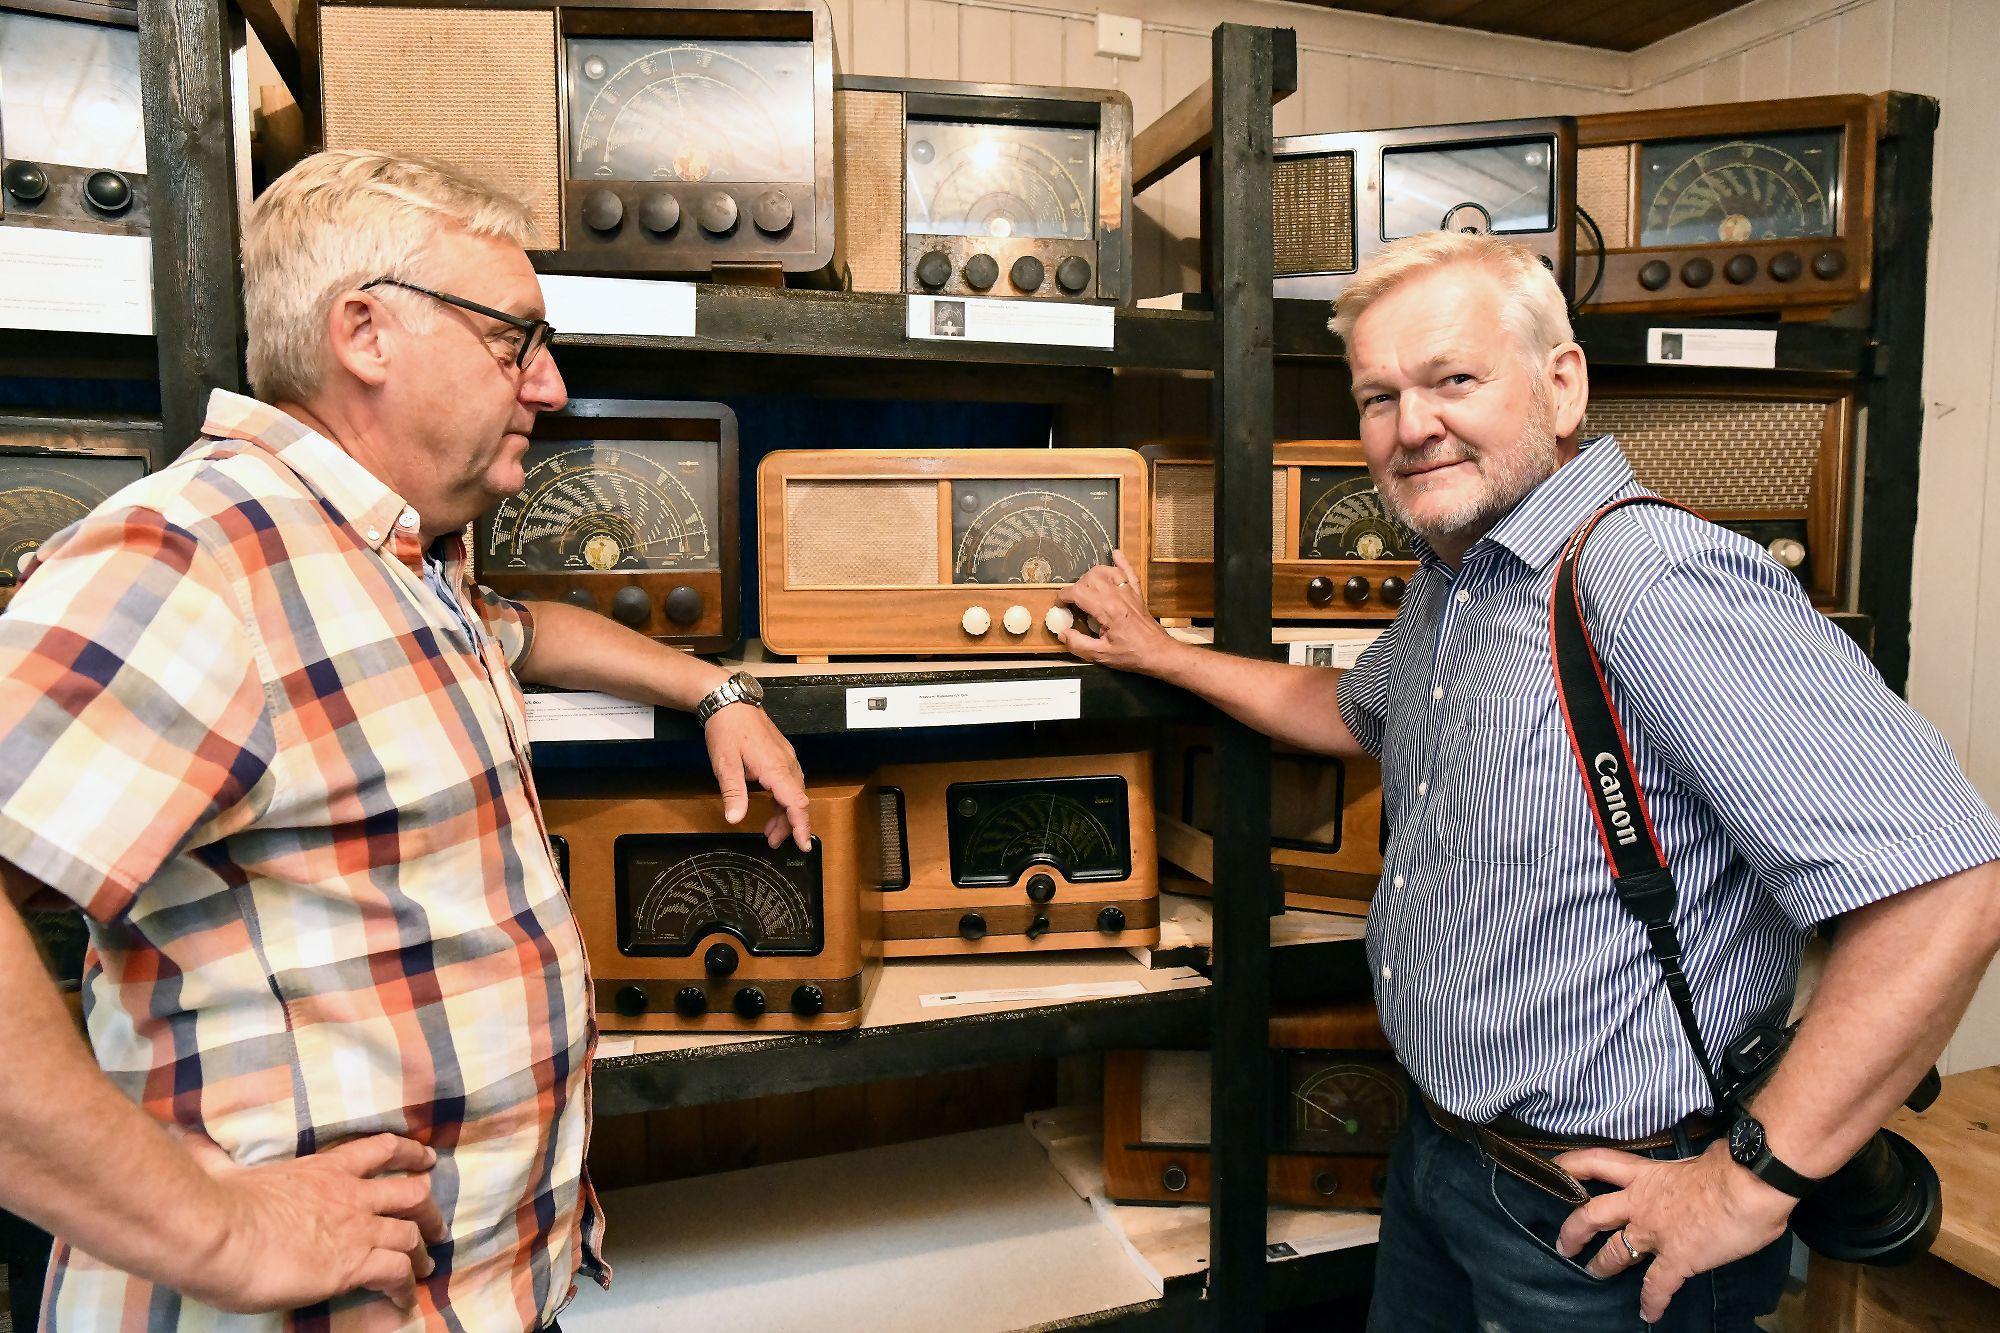 Fra åpninga av radiomuseet i 2018. Foto: Arne G. Perlestenbakken